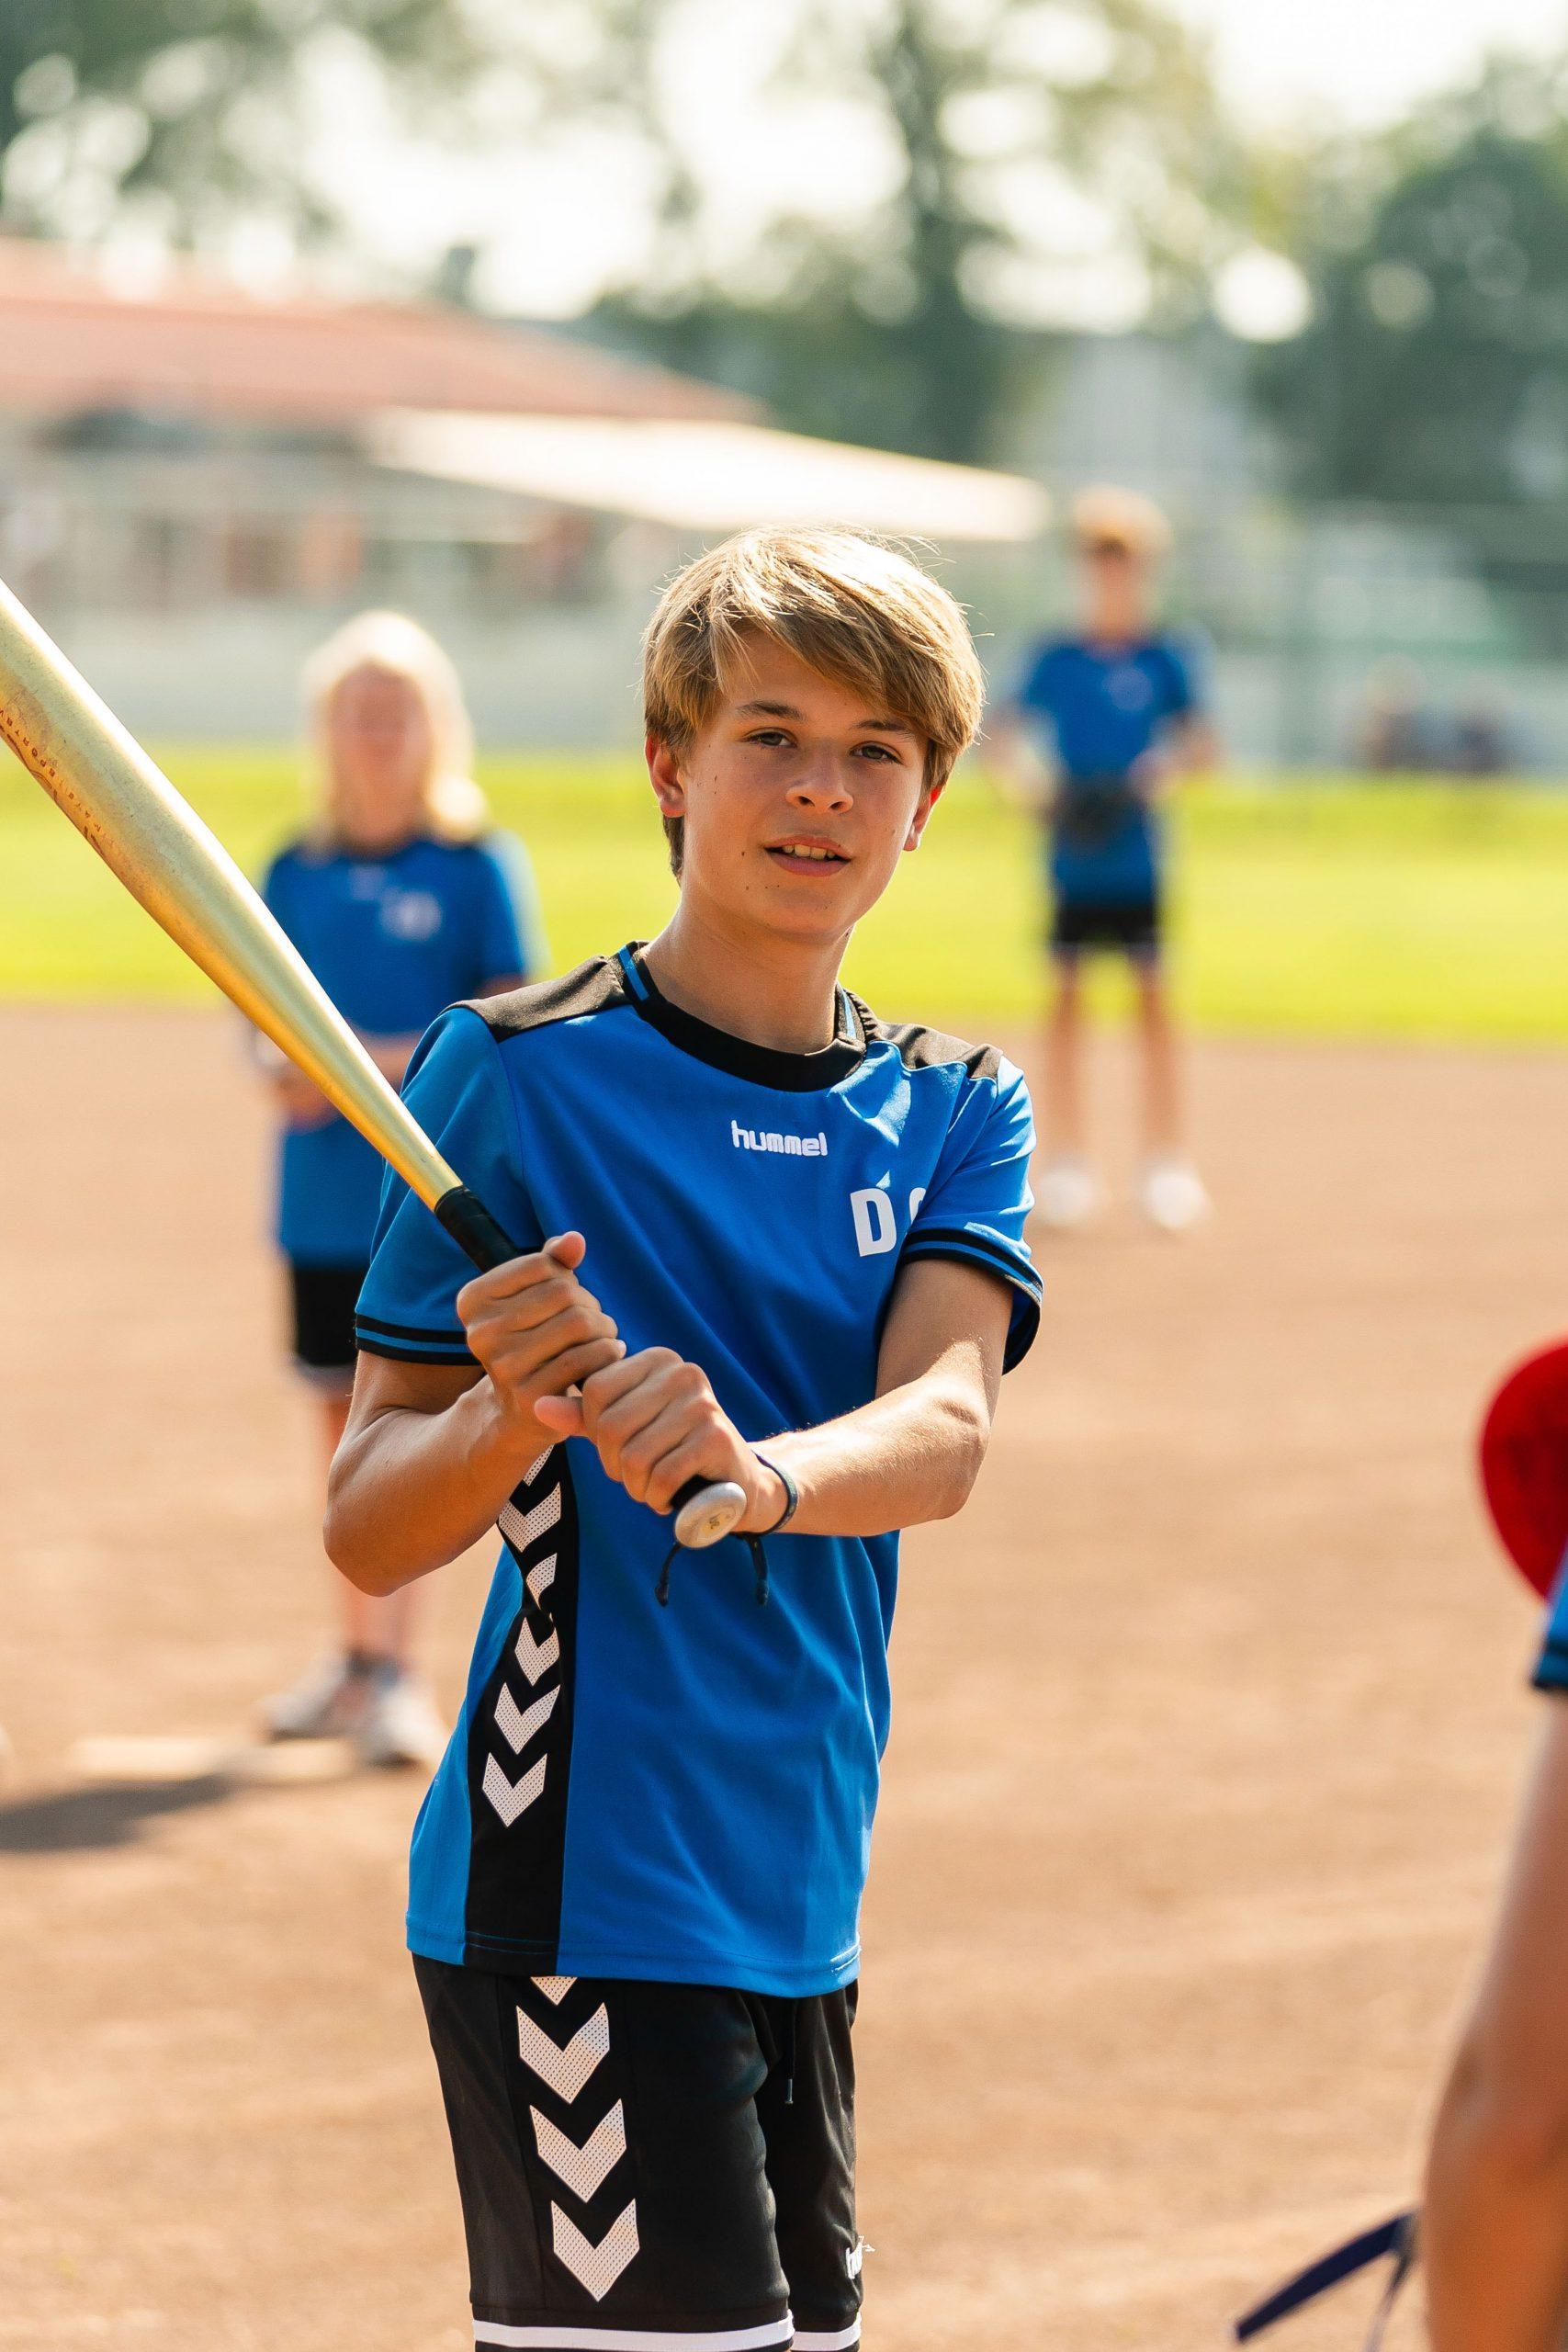 Dante, leerling sportklas HBM